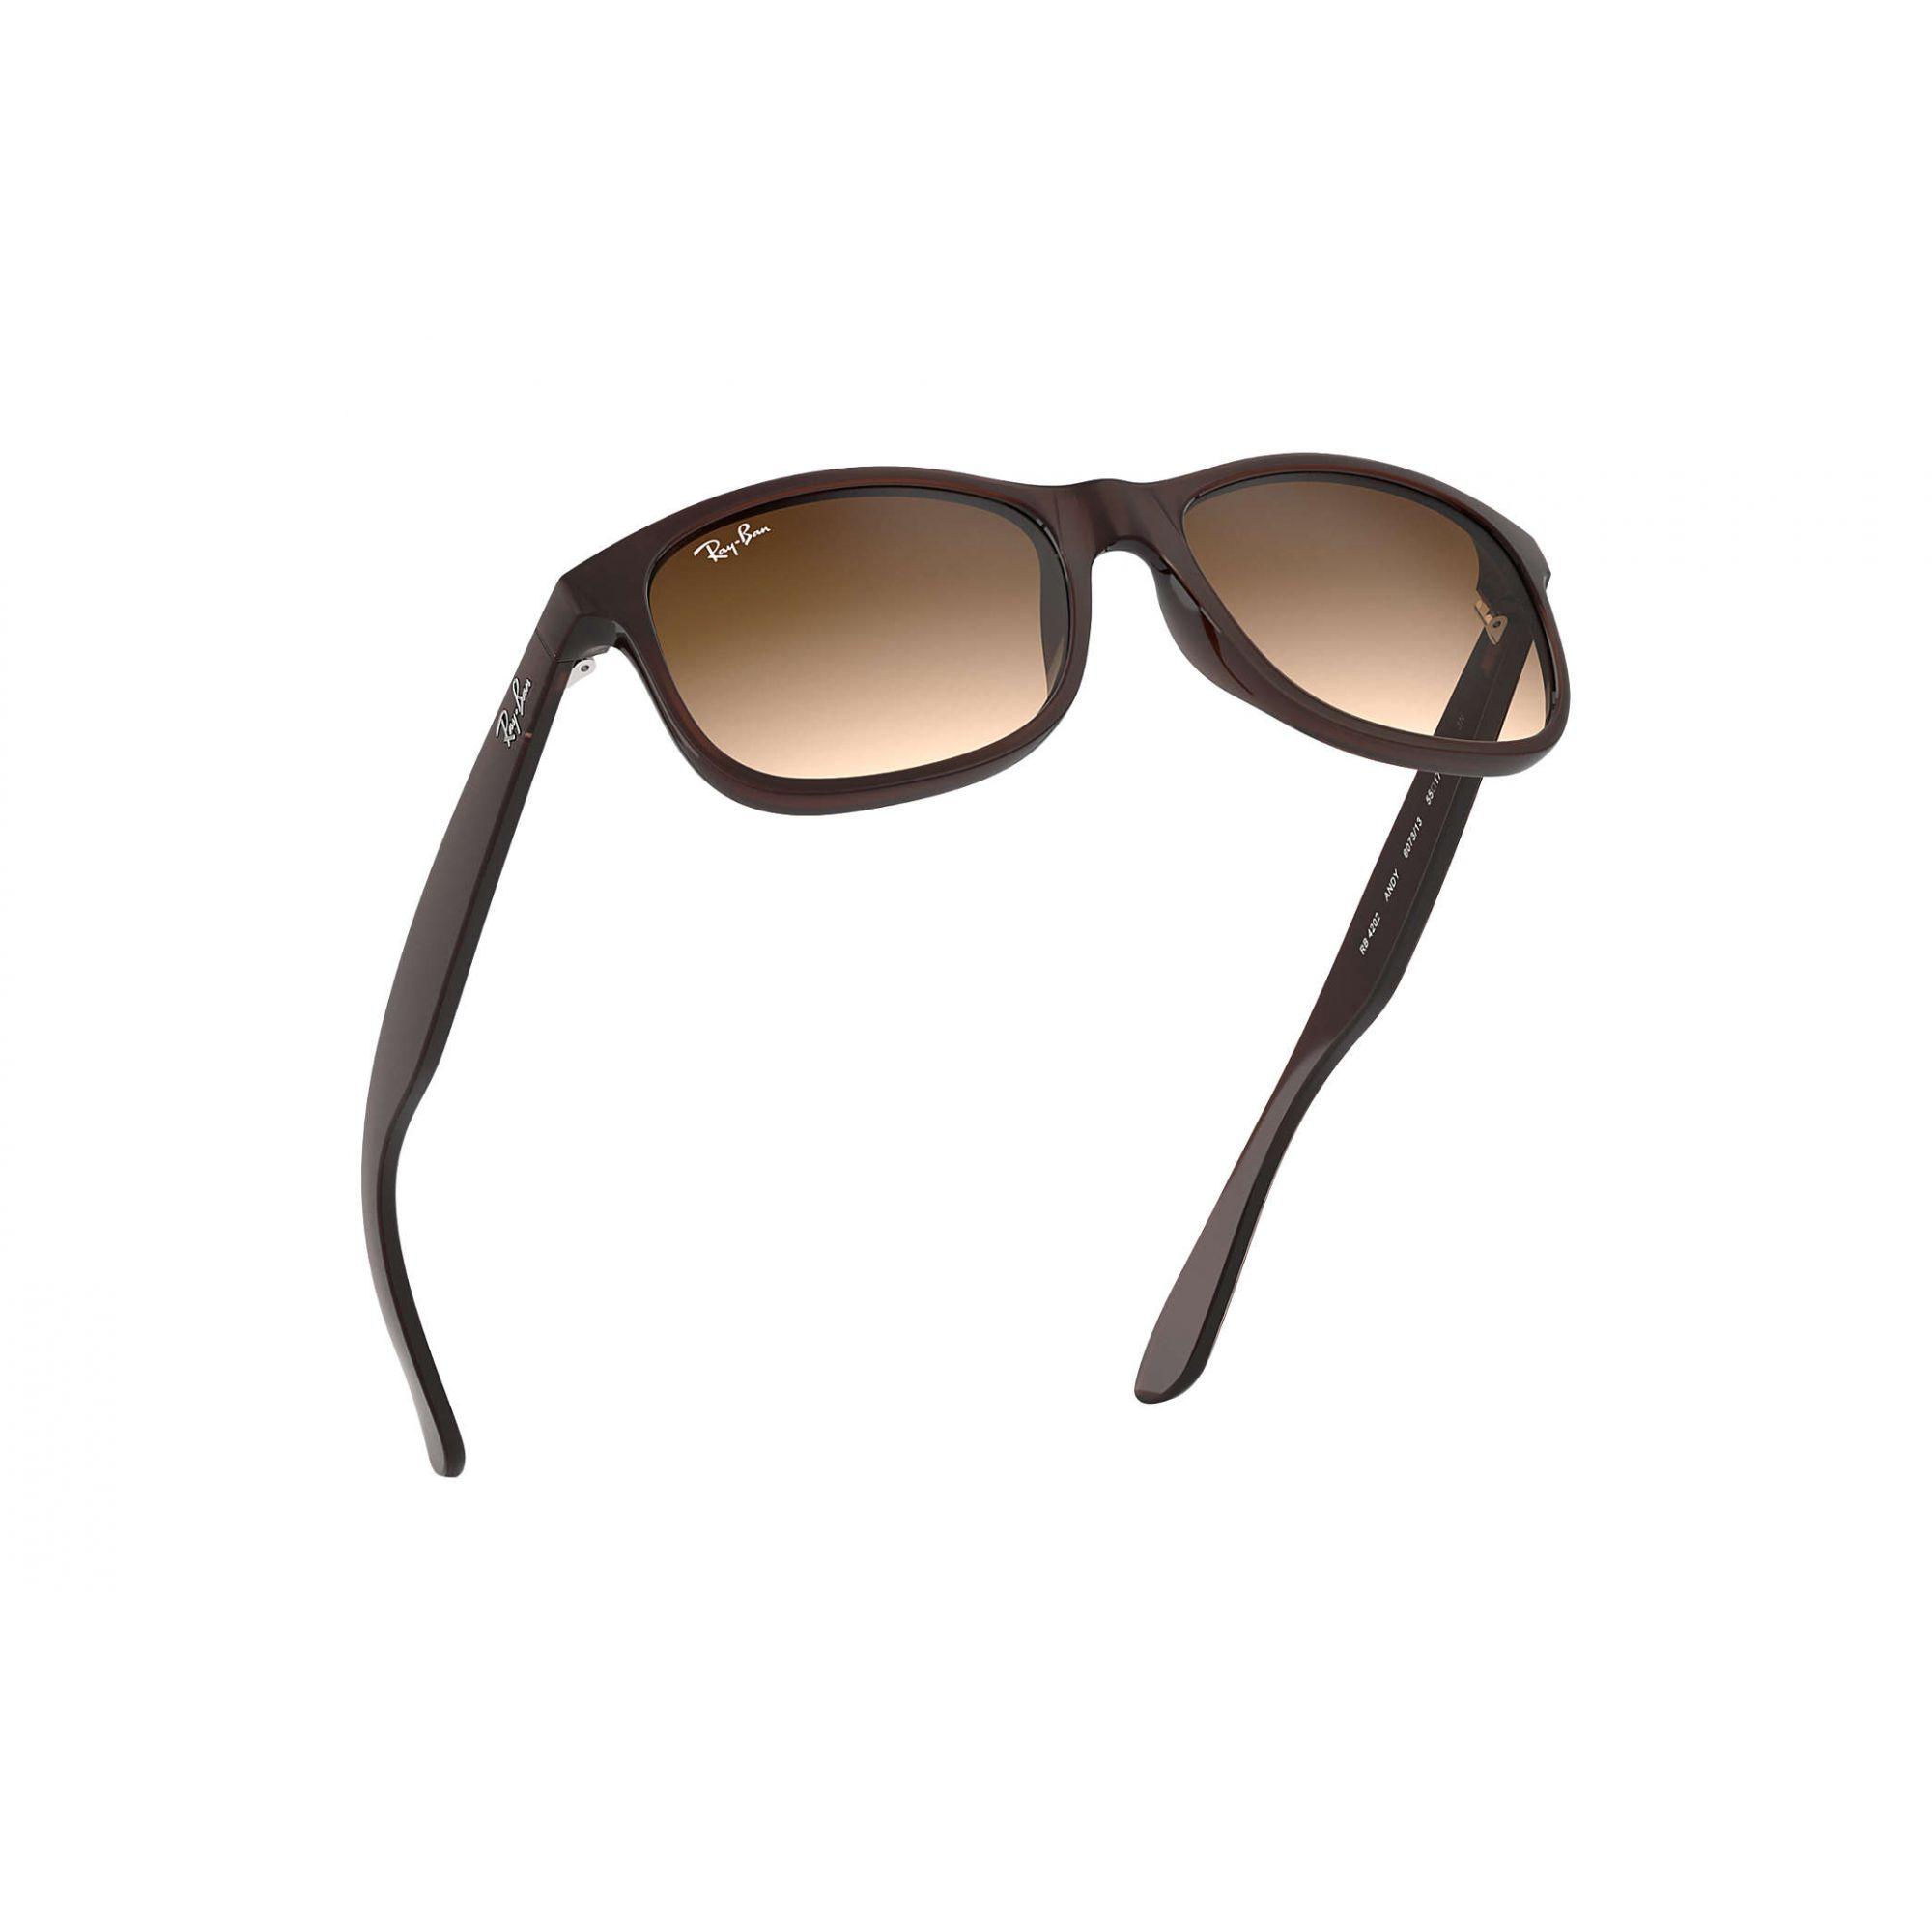 Ray Ban - RB4202 60731355 - Óculos de sol